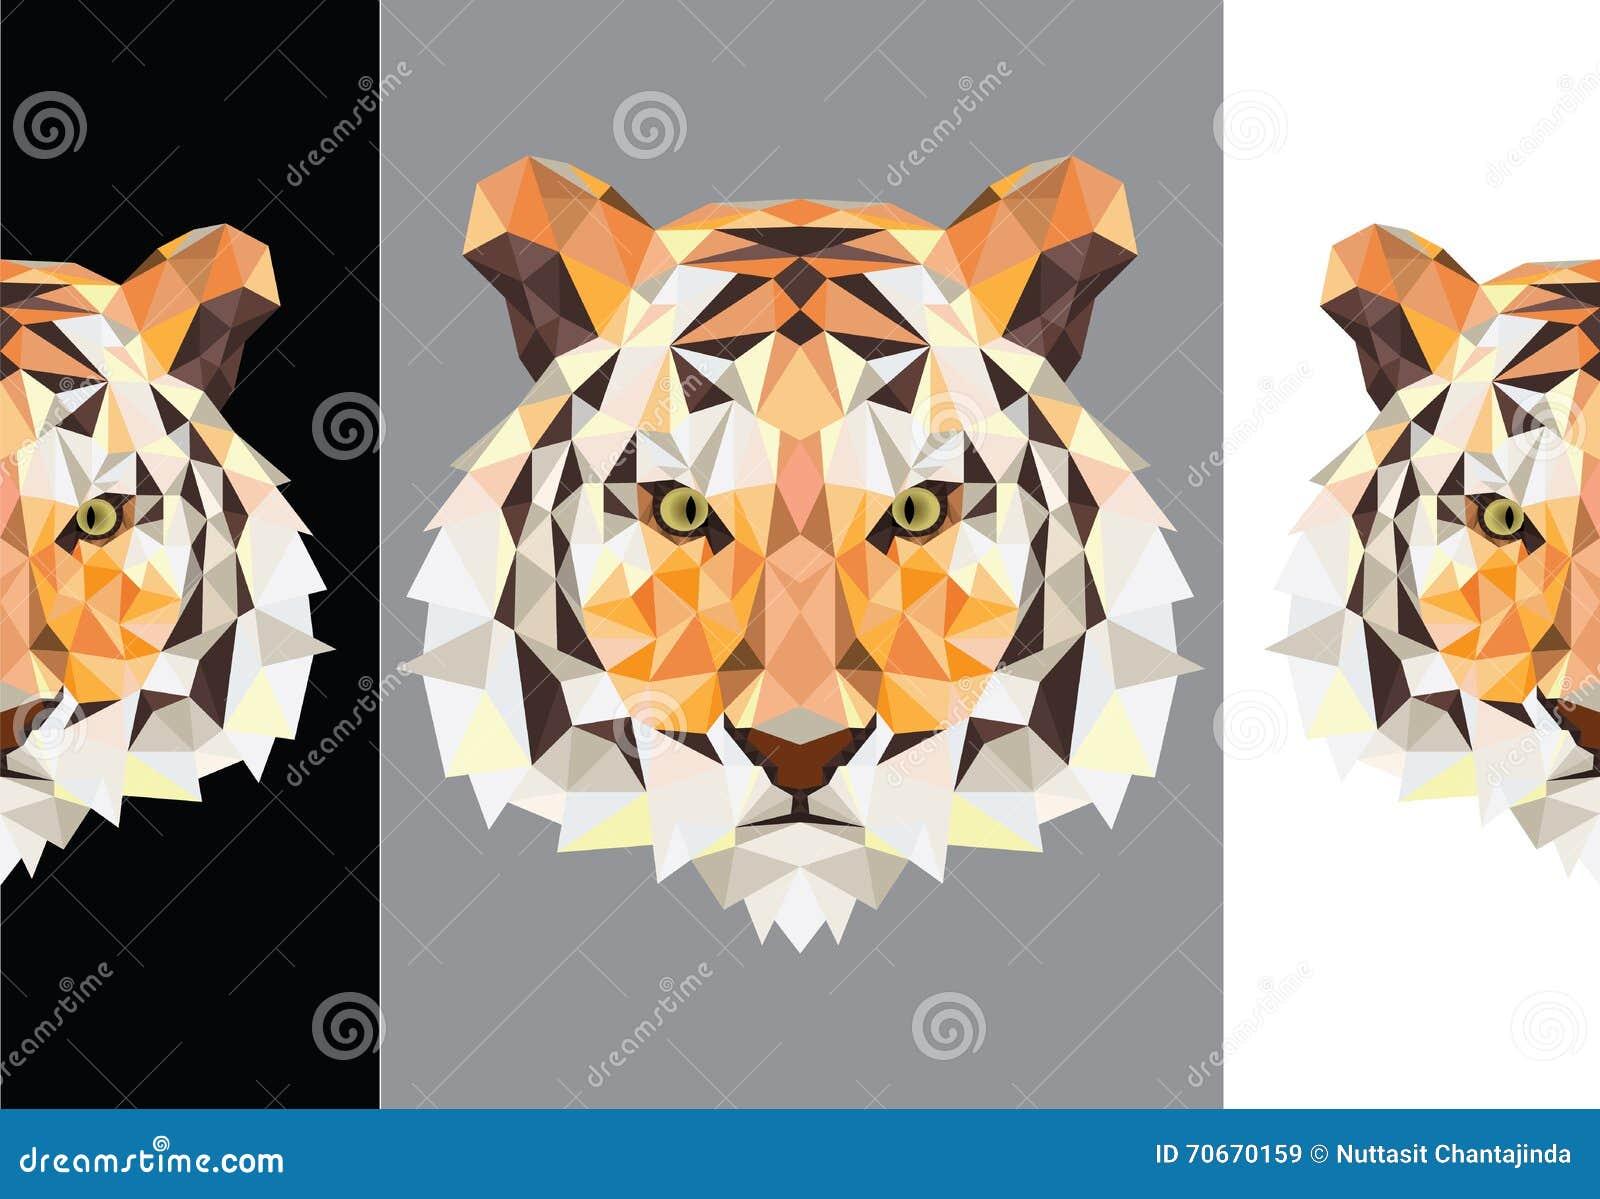 Tigerpolygon